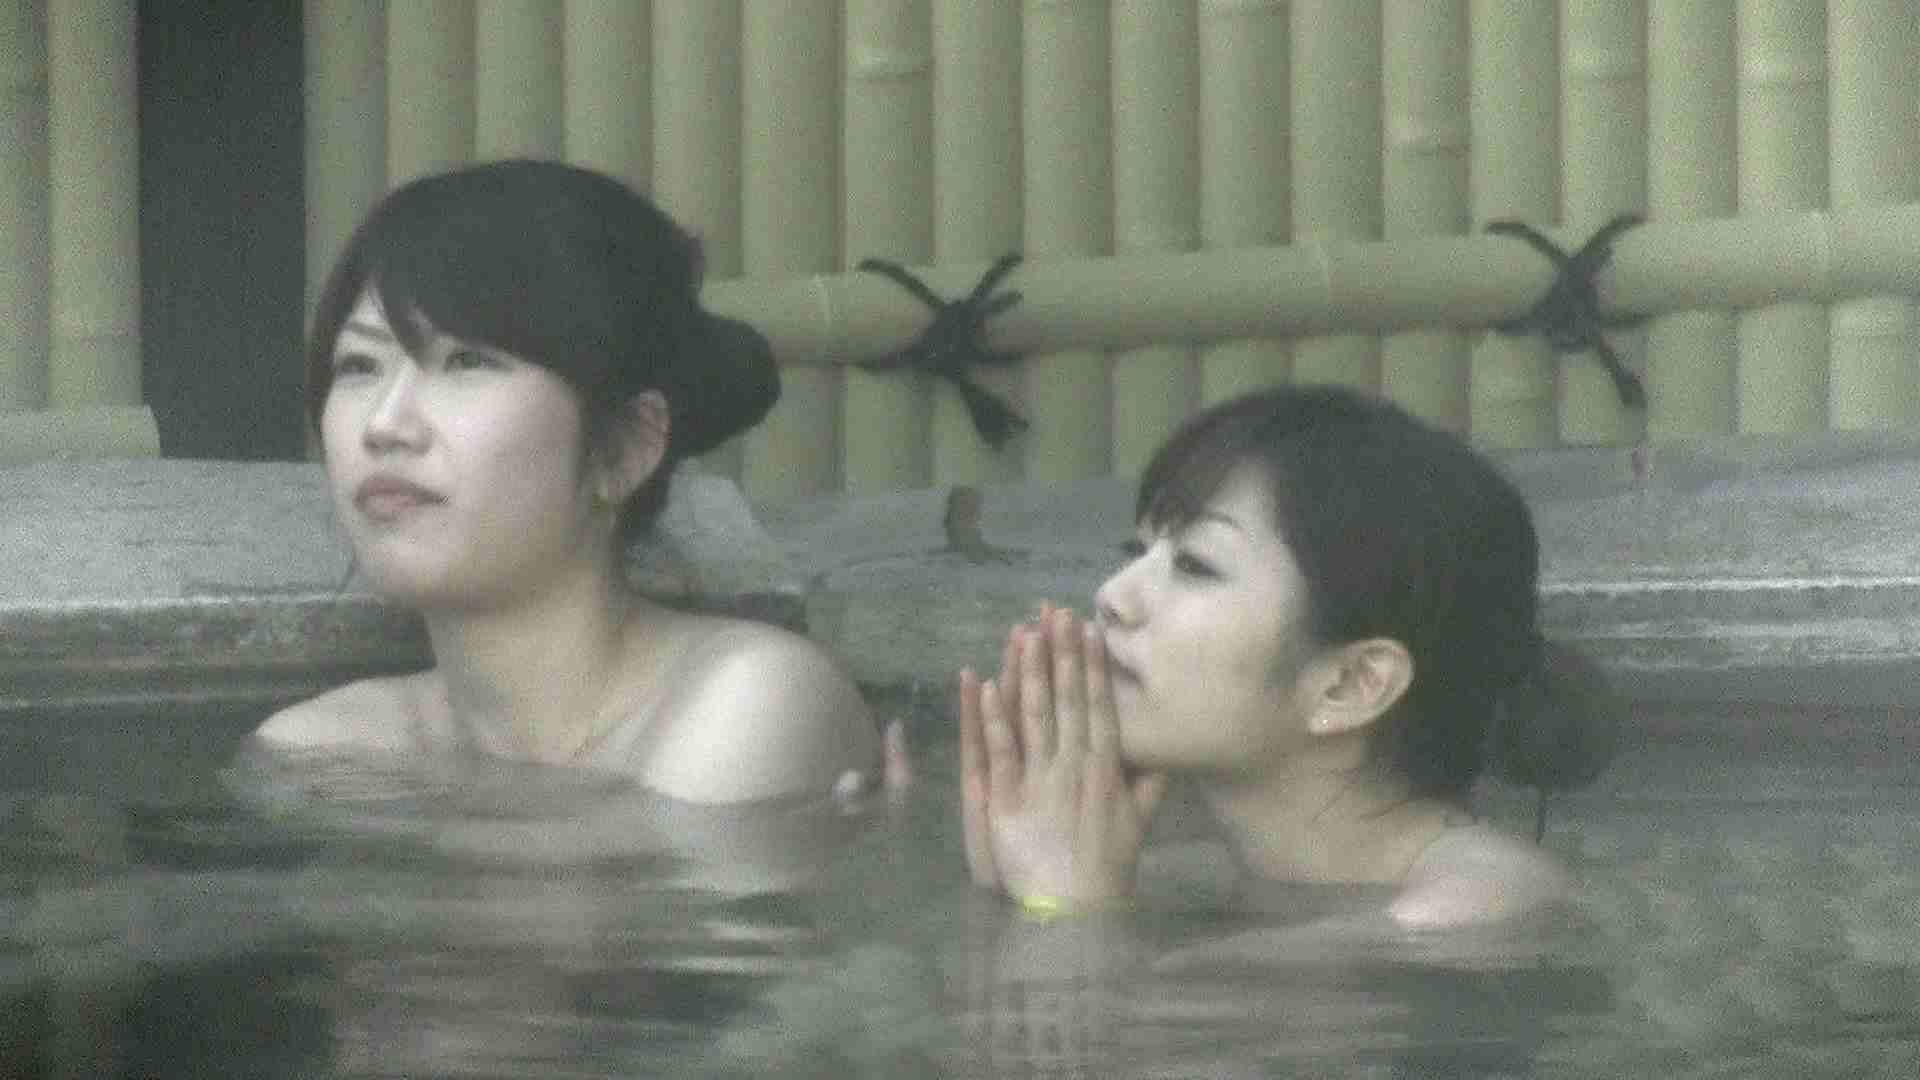 Aquaな露天風呂Vol.206 いやらしいOL オマンコ動画キャプチャ 59連発 10